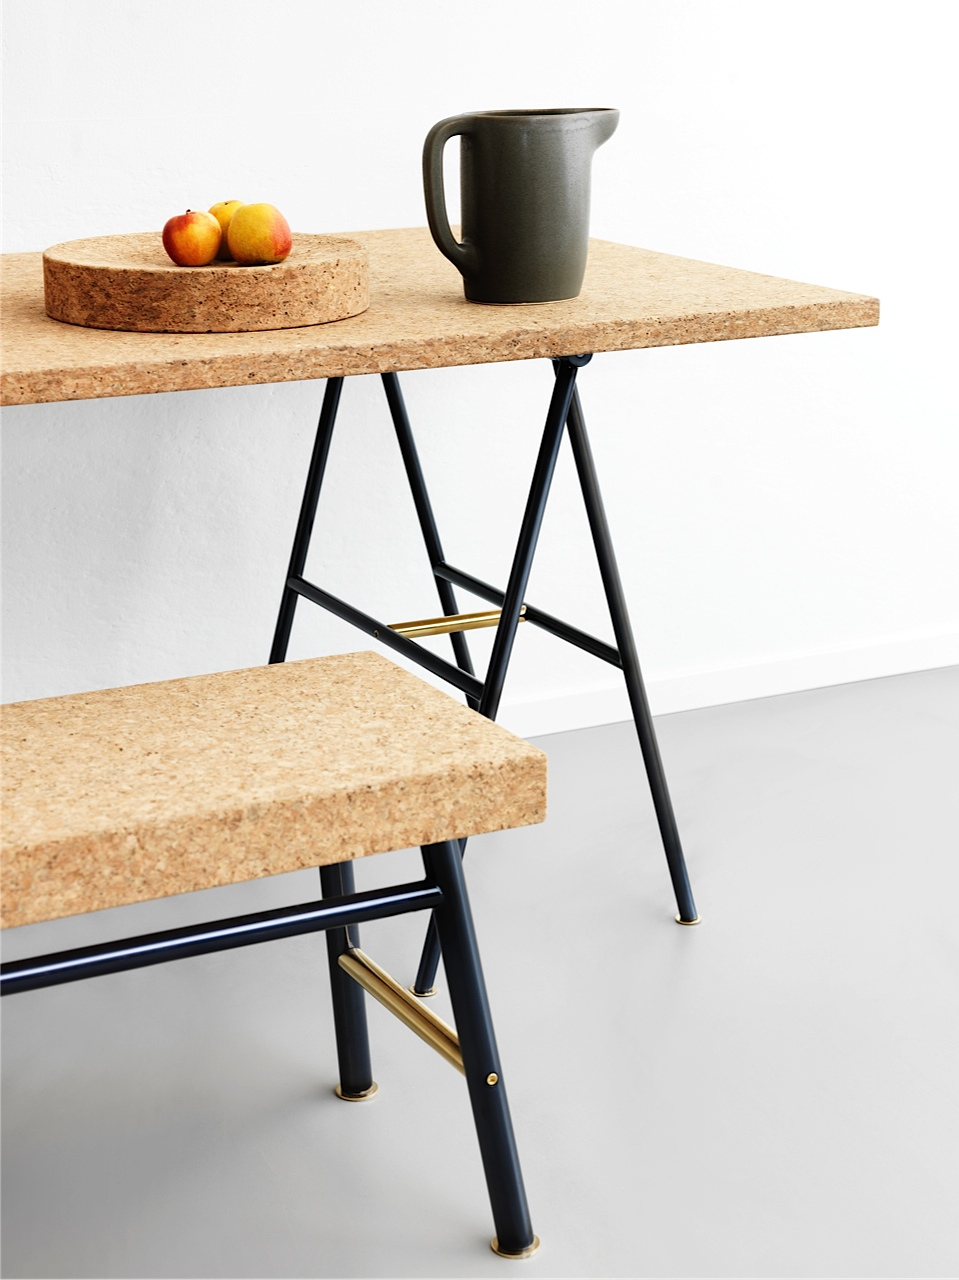 Ikea Apothekerschrank Demontage ~ SINNERLIG, la apuesta de IKEA por el corcho